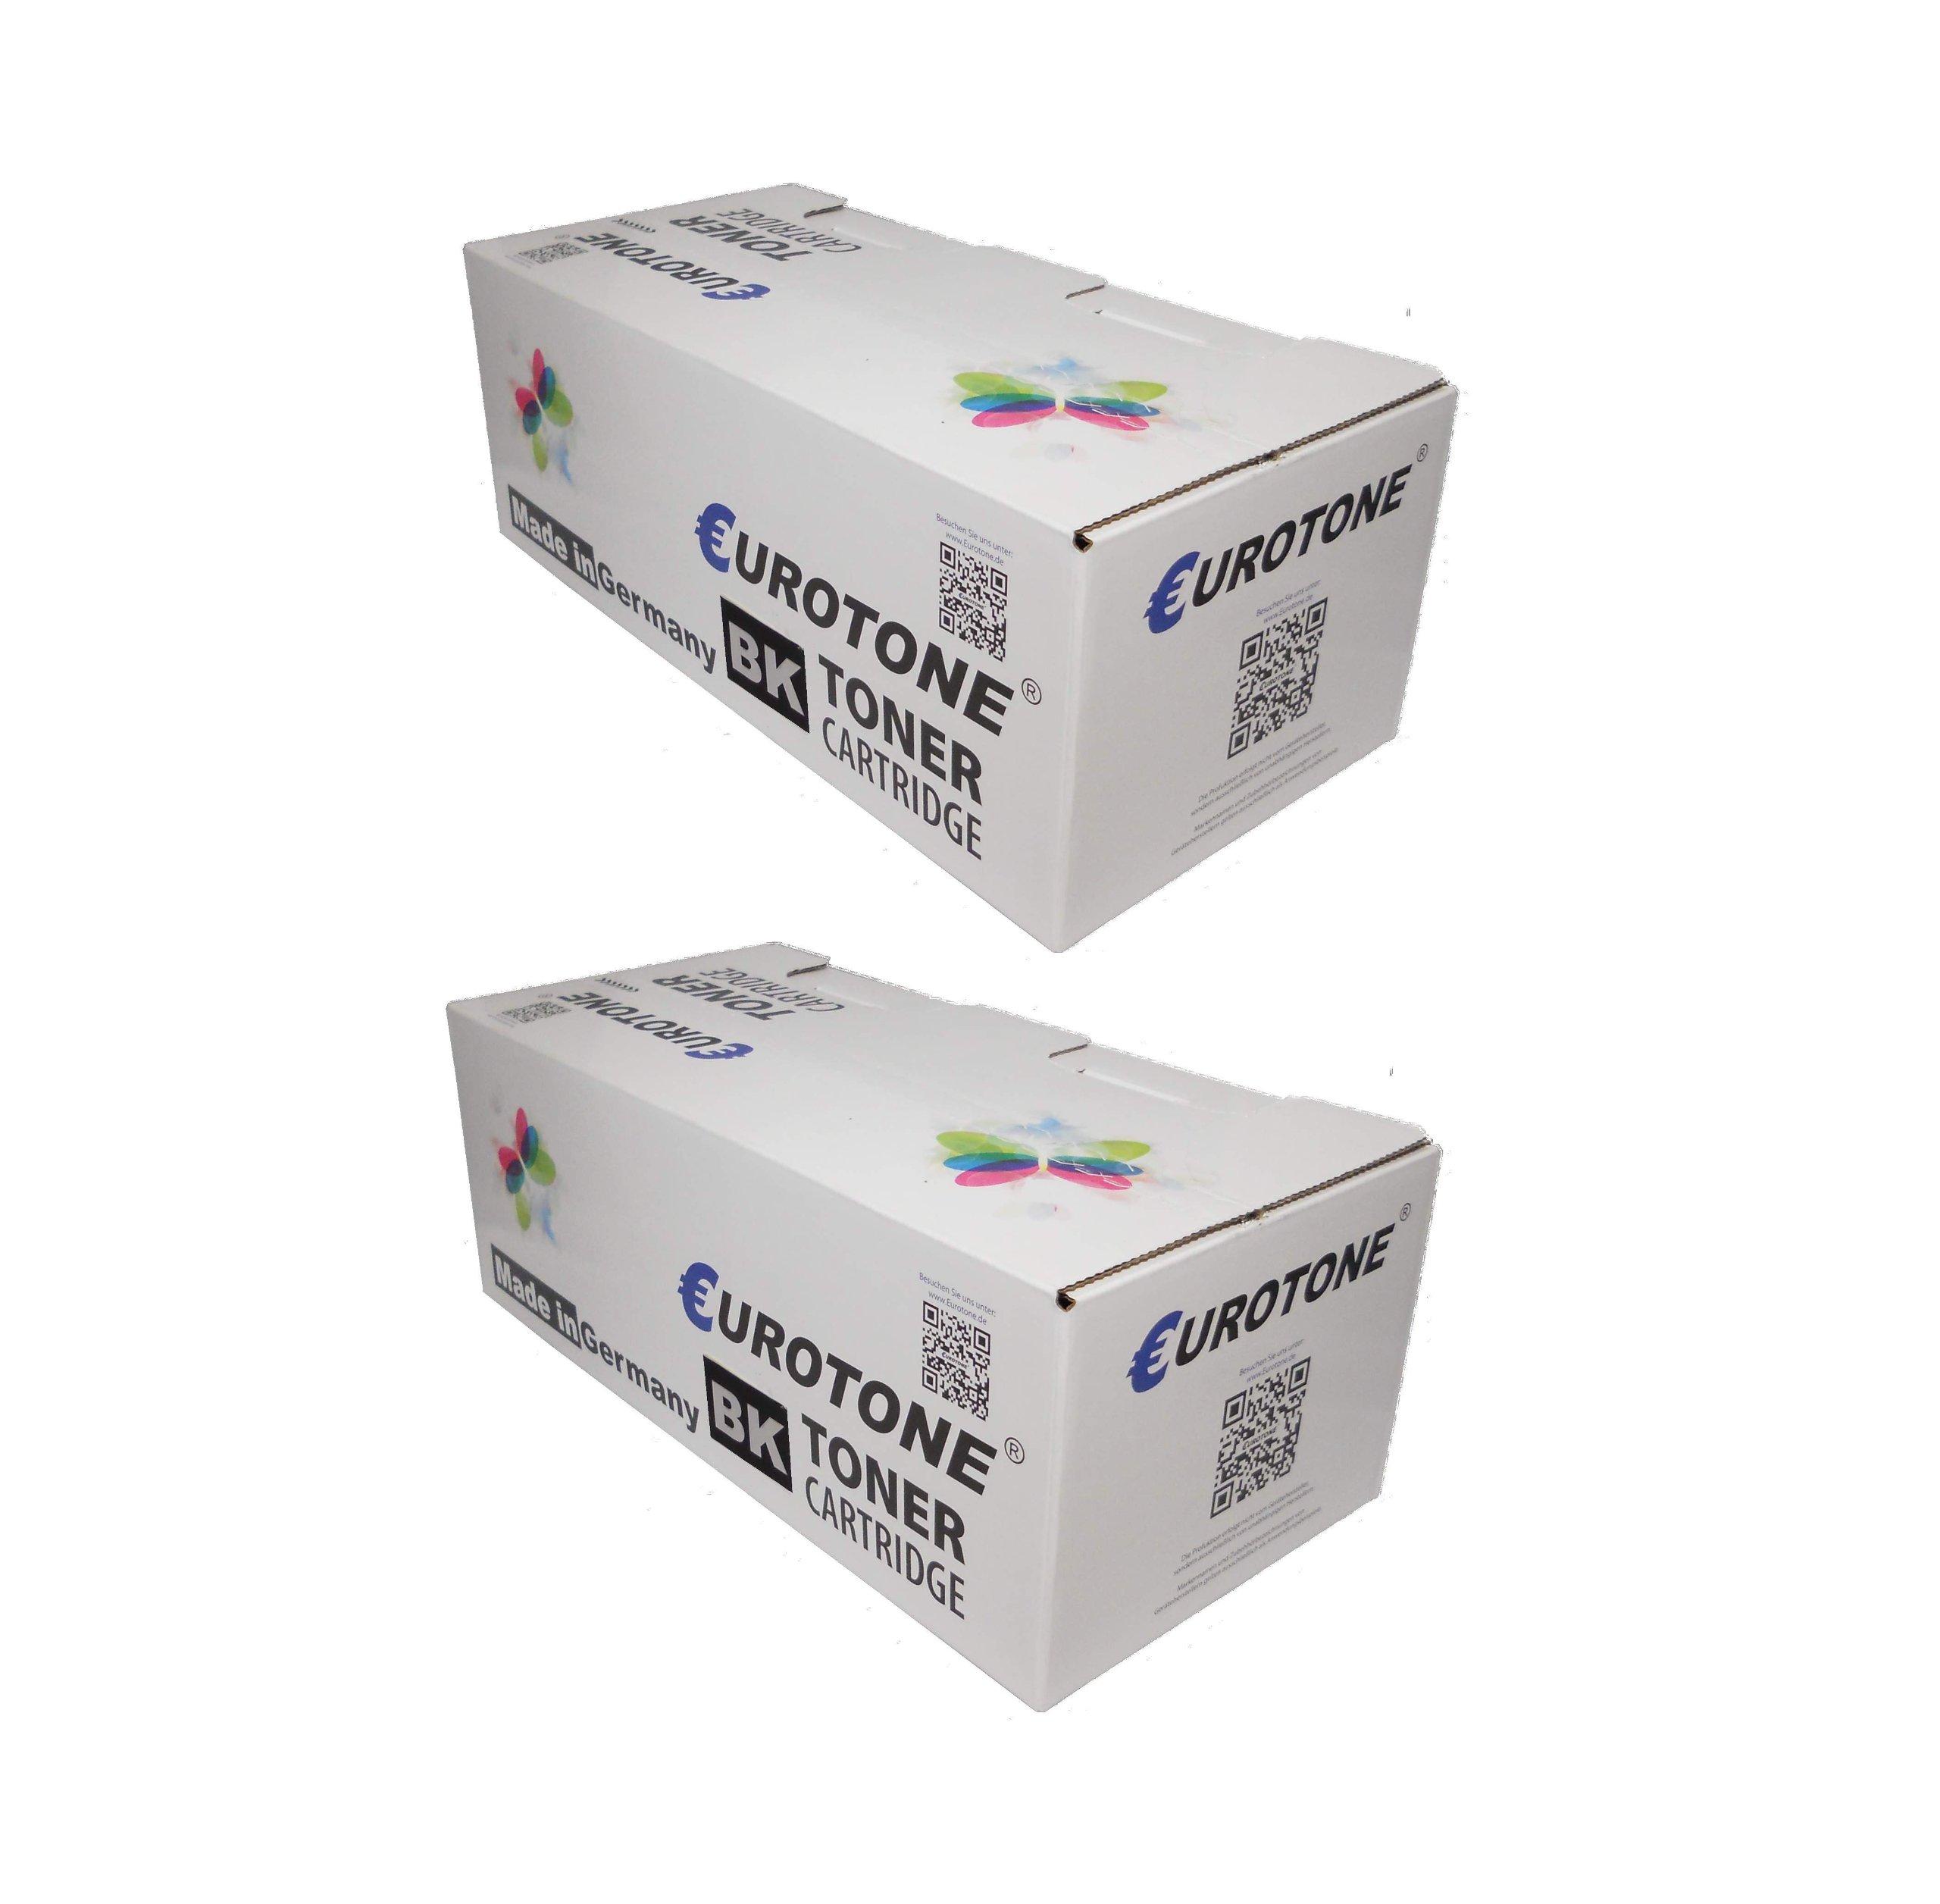 2x Eurotone Toner cartucce per Samsung ProXpress C2670FW /SEE und C2620DW /SEE sostituito NERO CLT-K